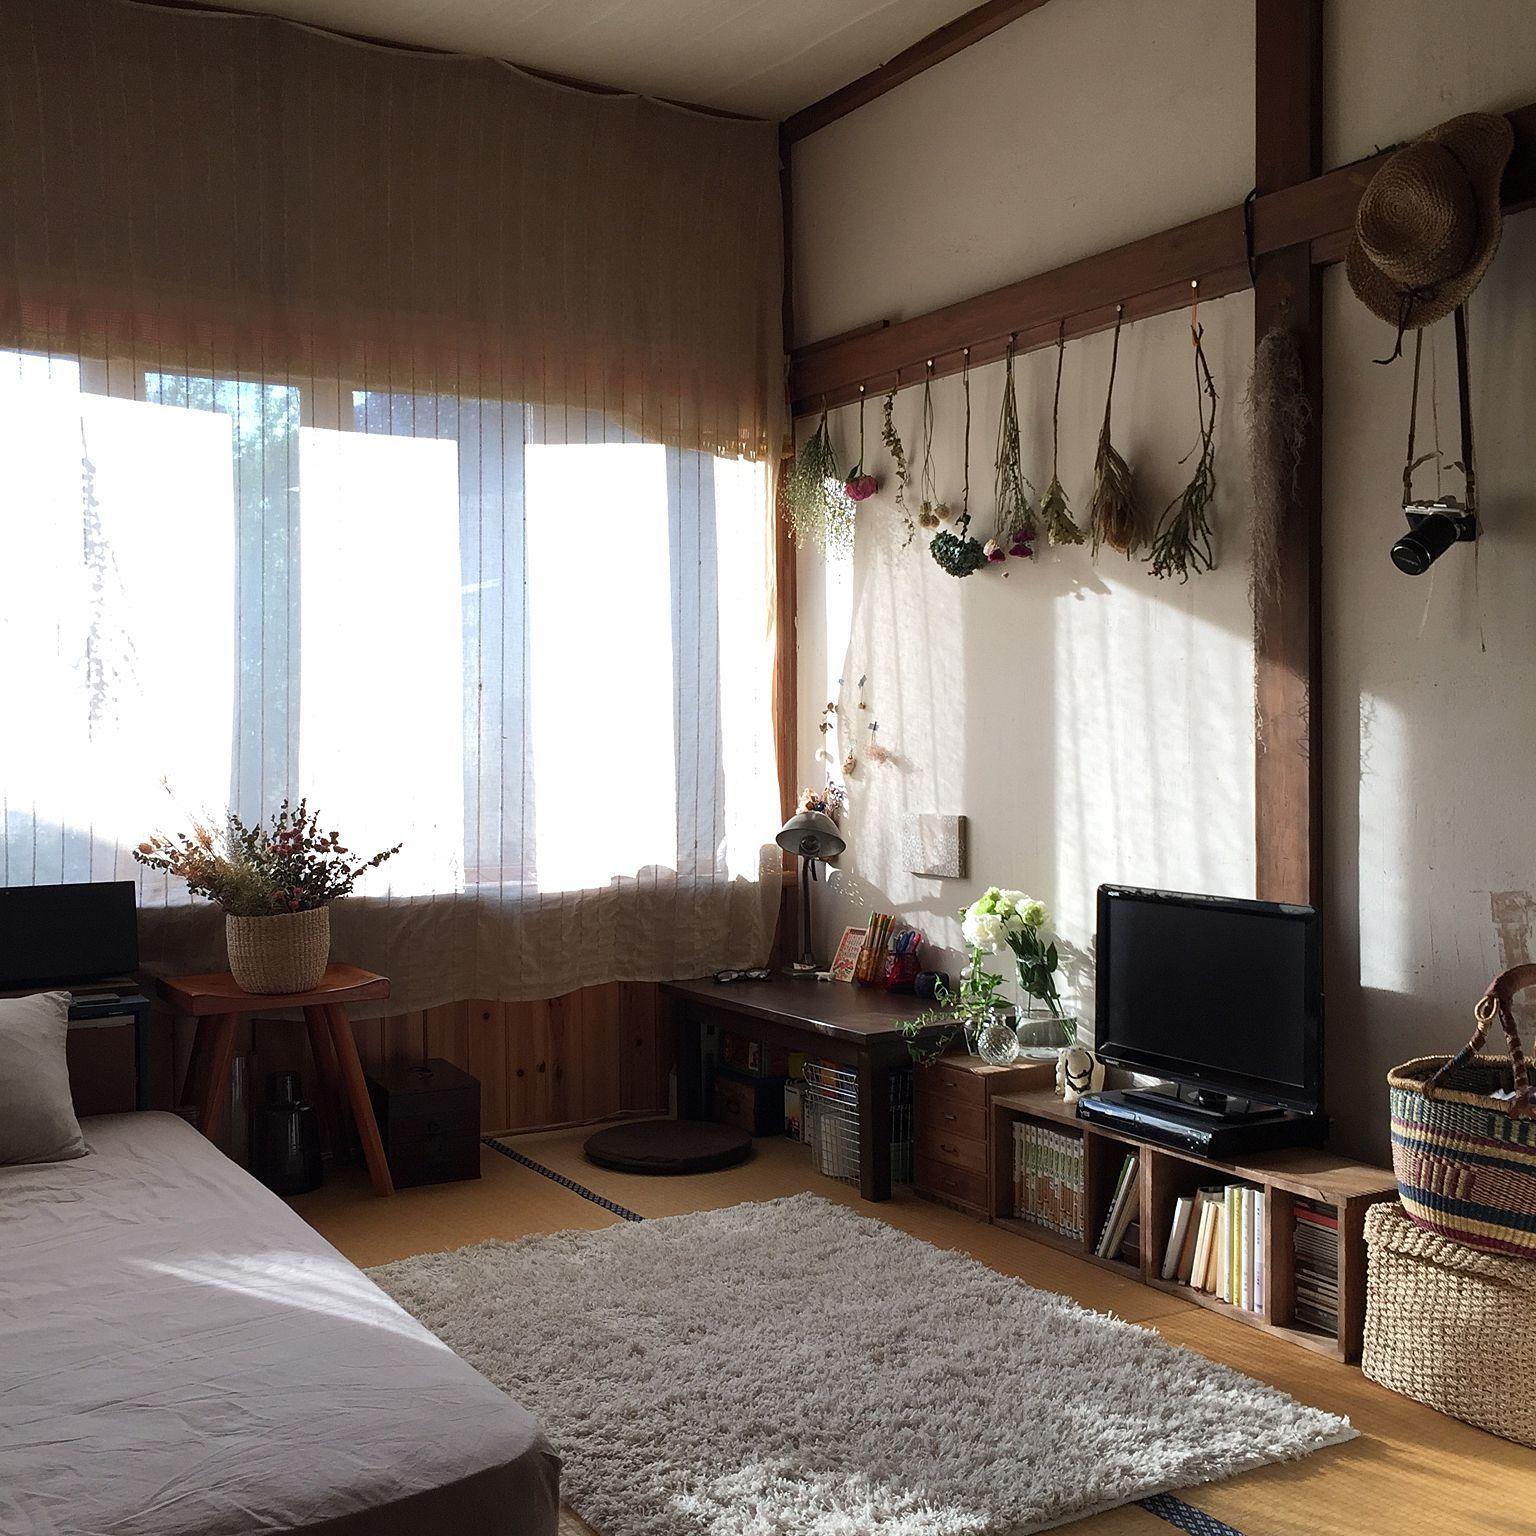 珪藻土壁/和室/畳/無印良品/ドライフラワー/花のある